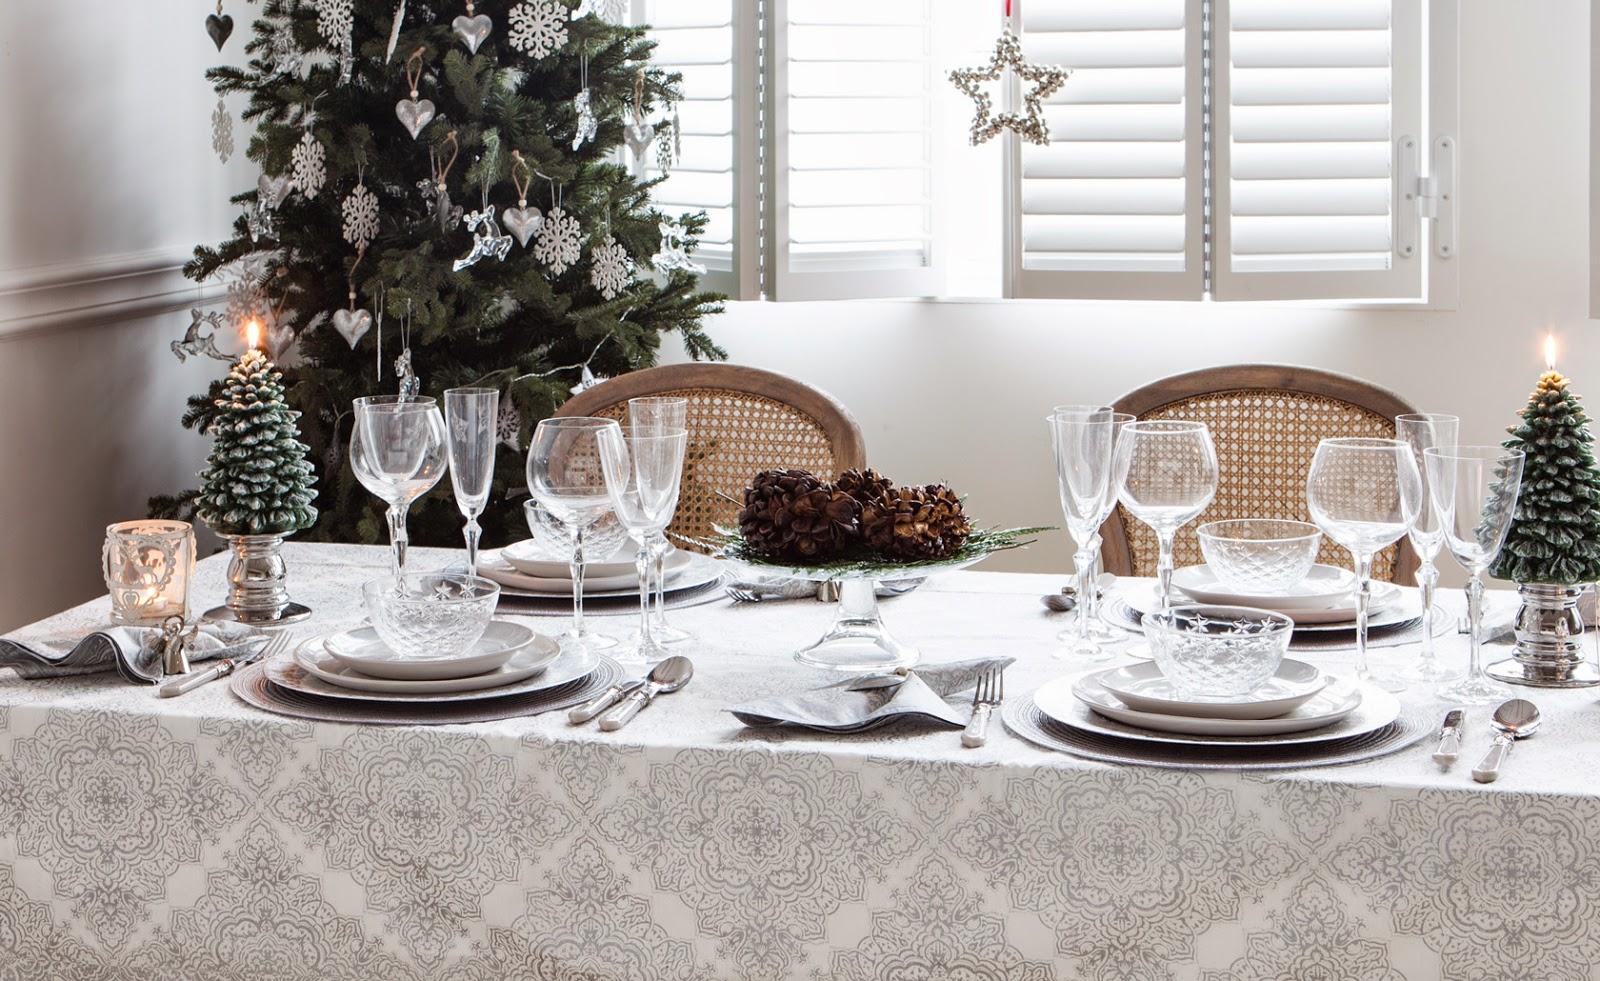 Decoraci n f cil decoracion de navidad 2014 2015 con - Jaulas decorativas zara home ...